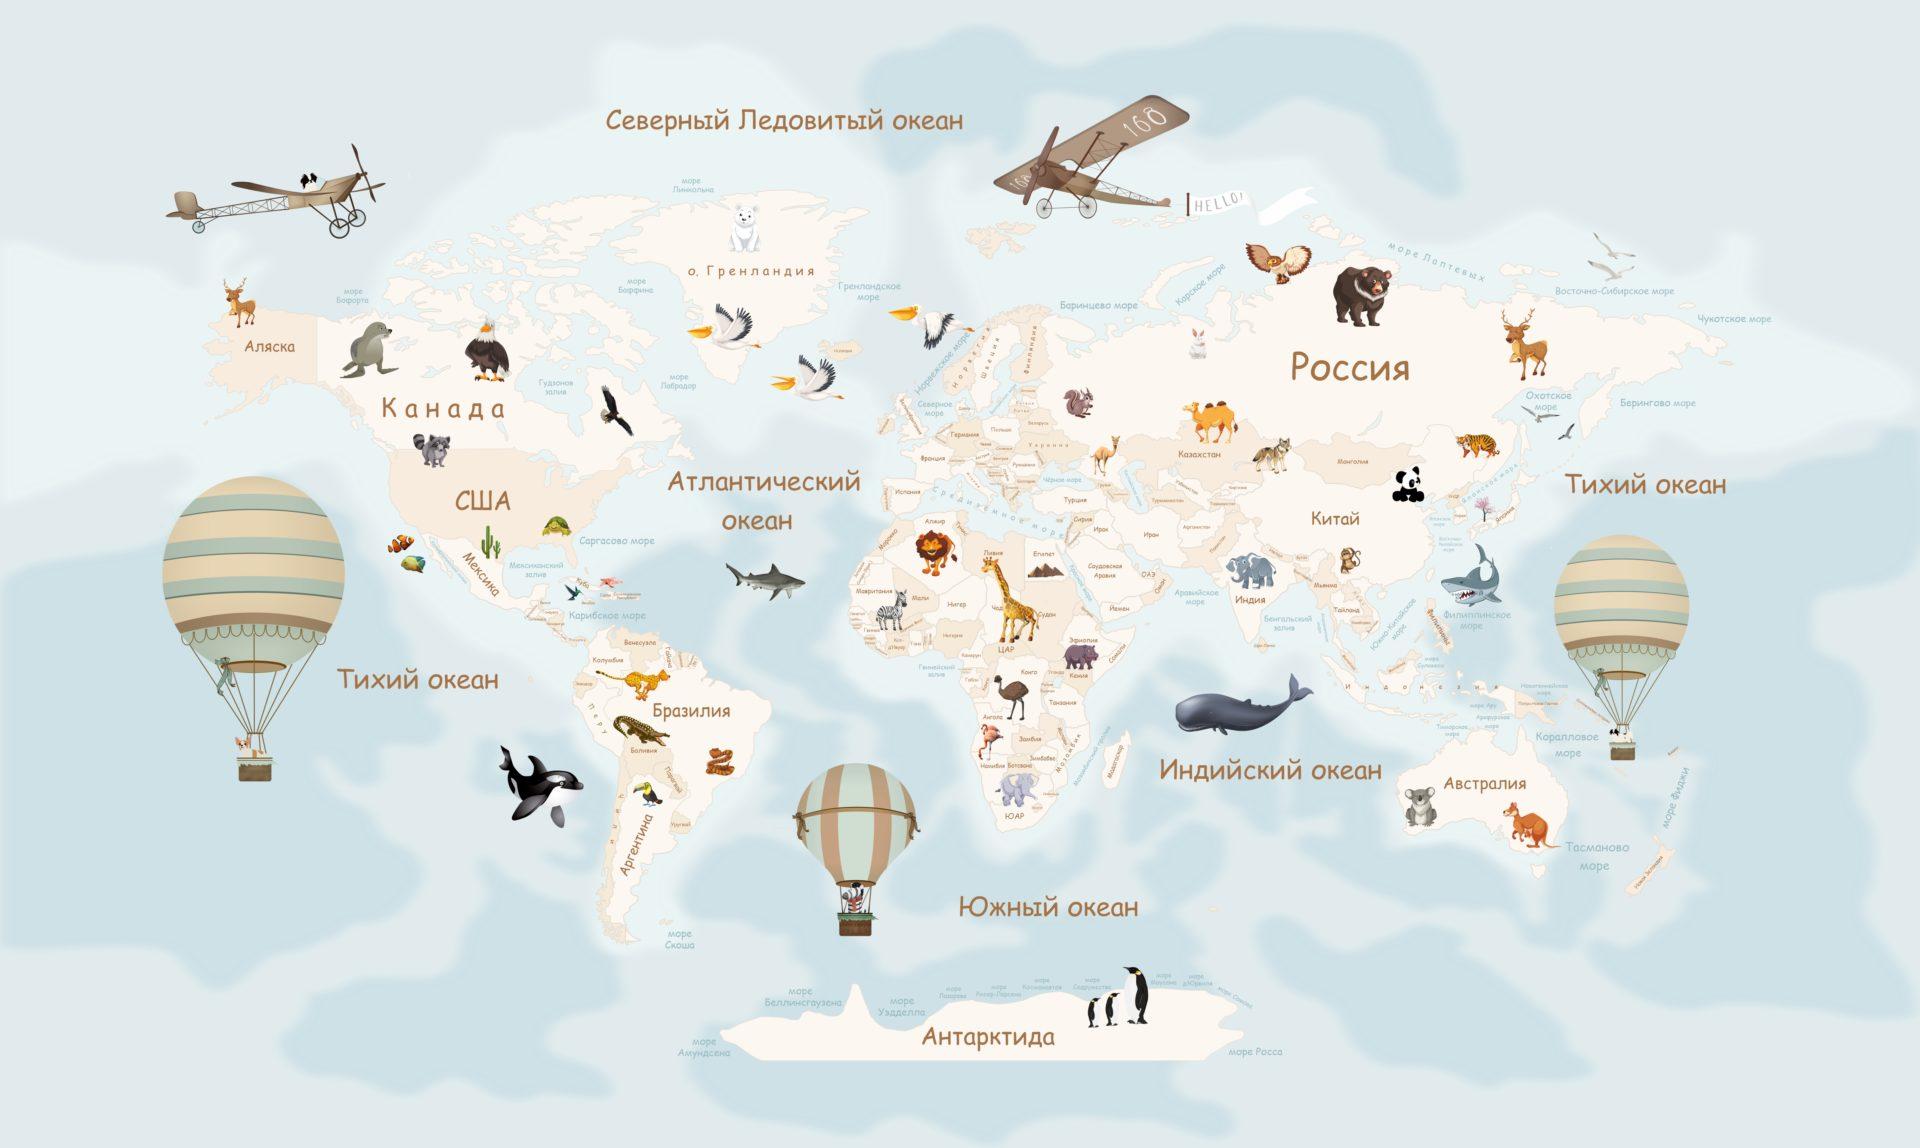 эскиз с изображением карты